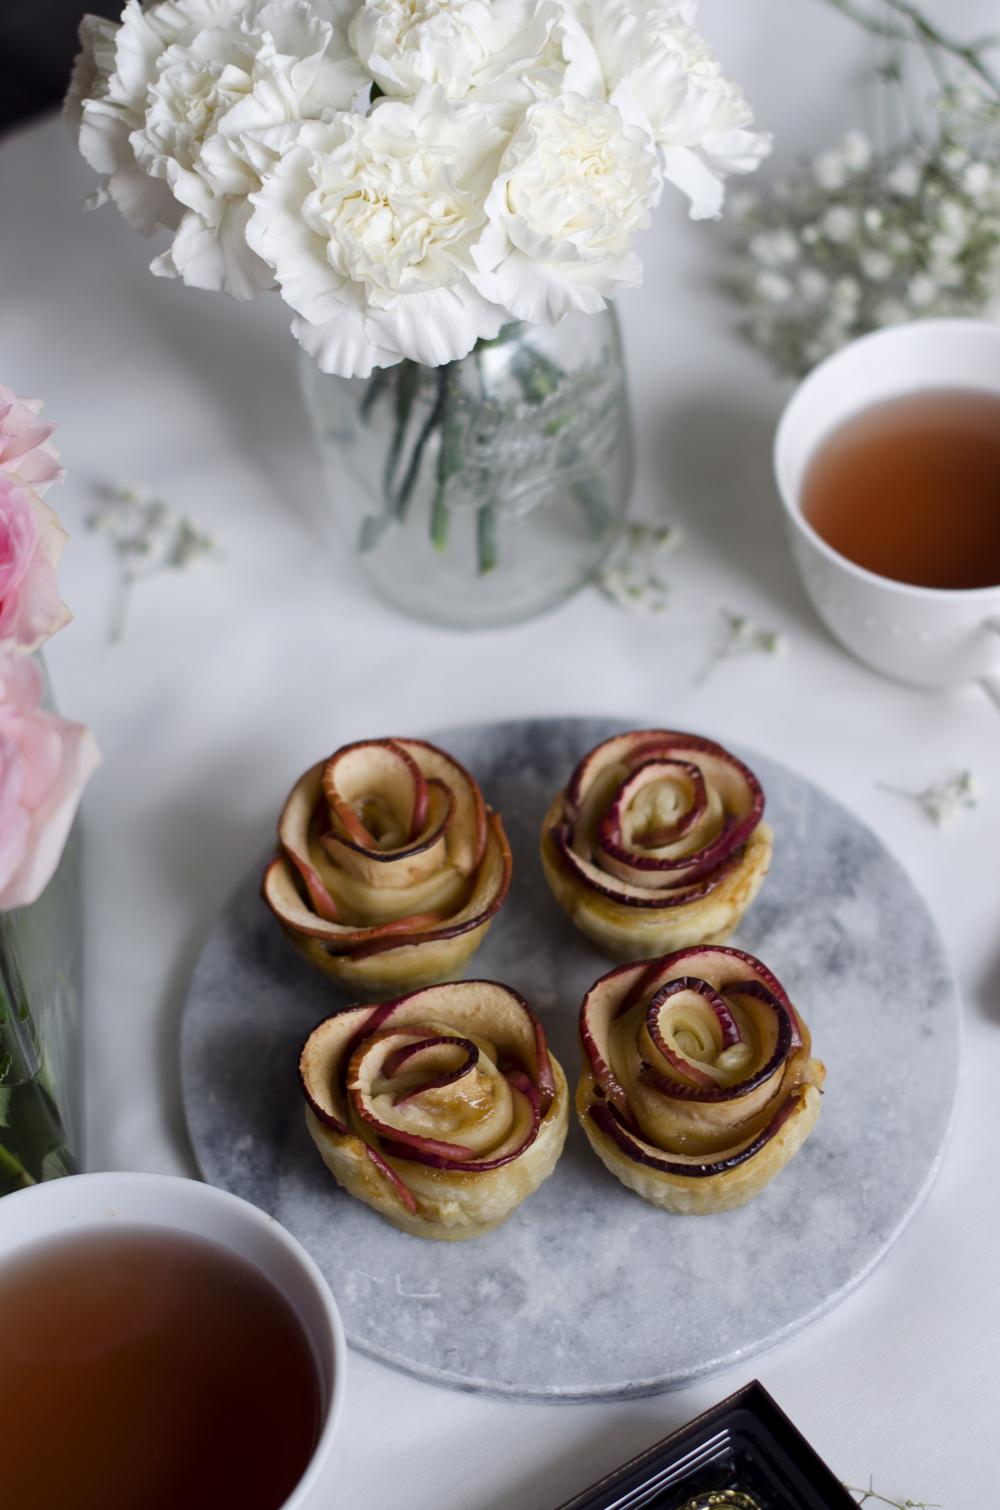 come si fanno le roselline di sfoglia e mele